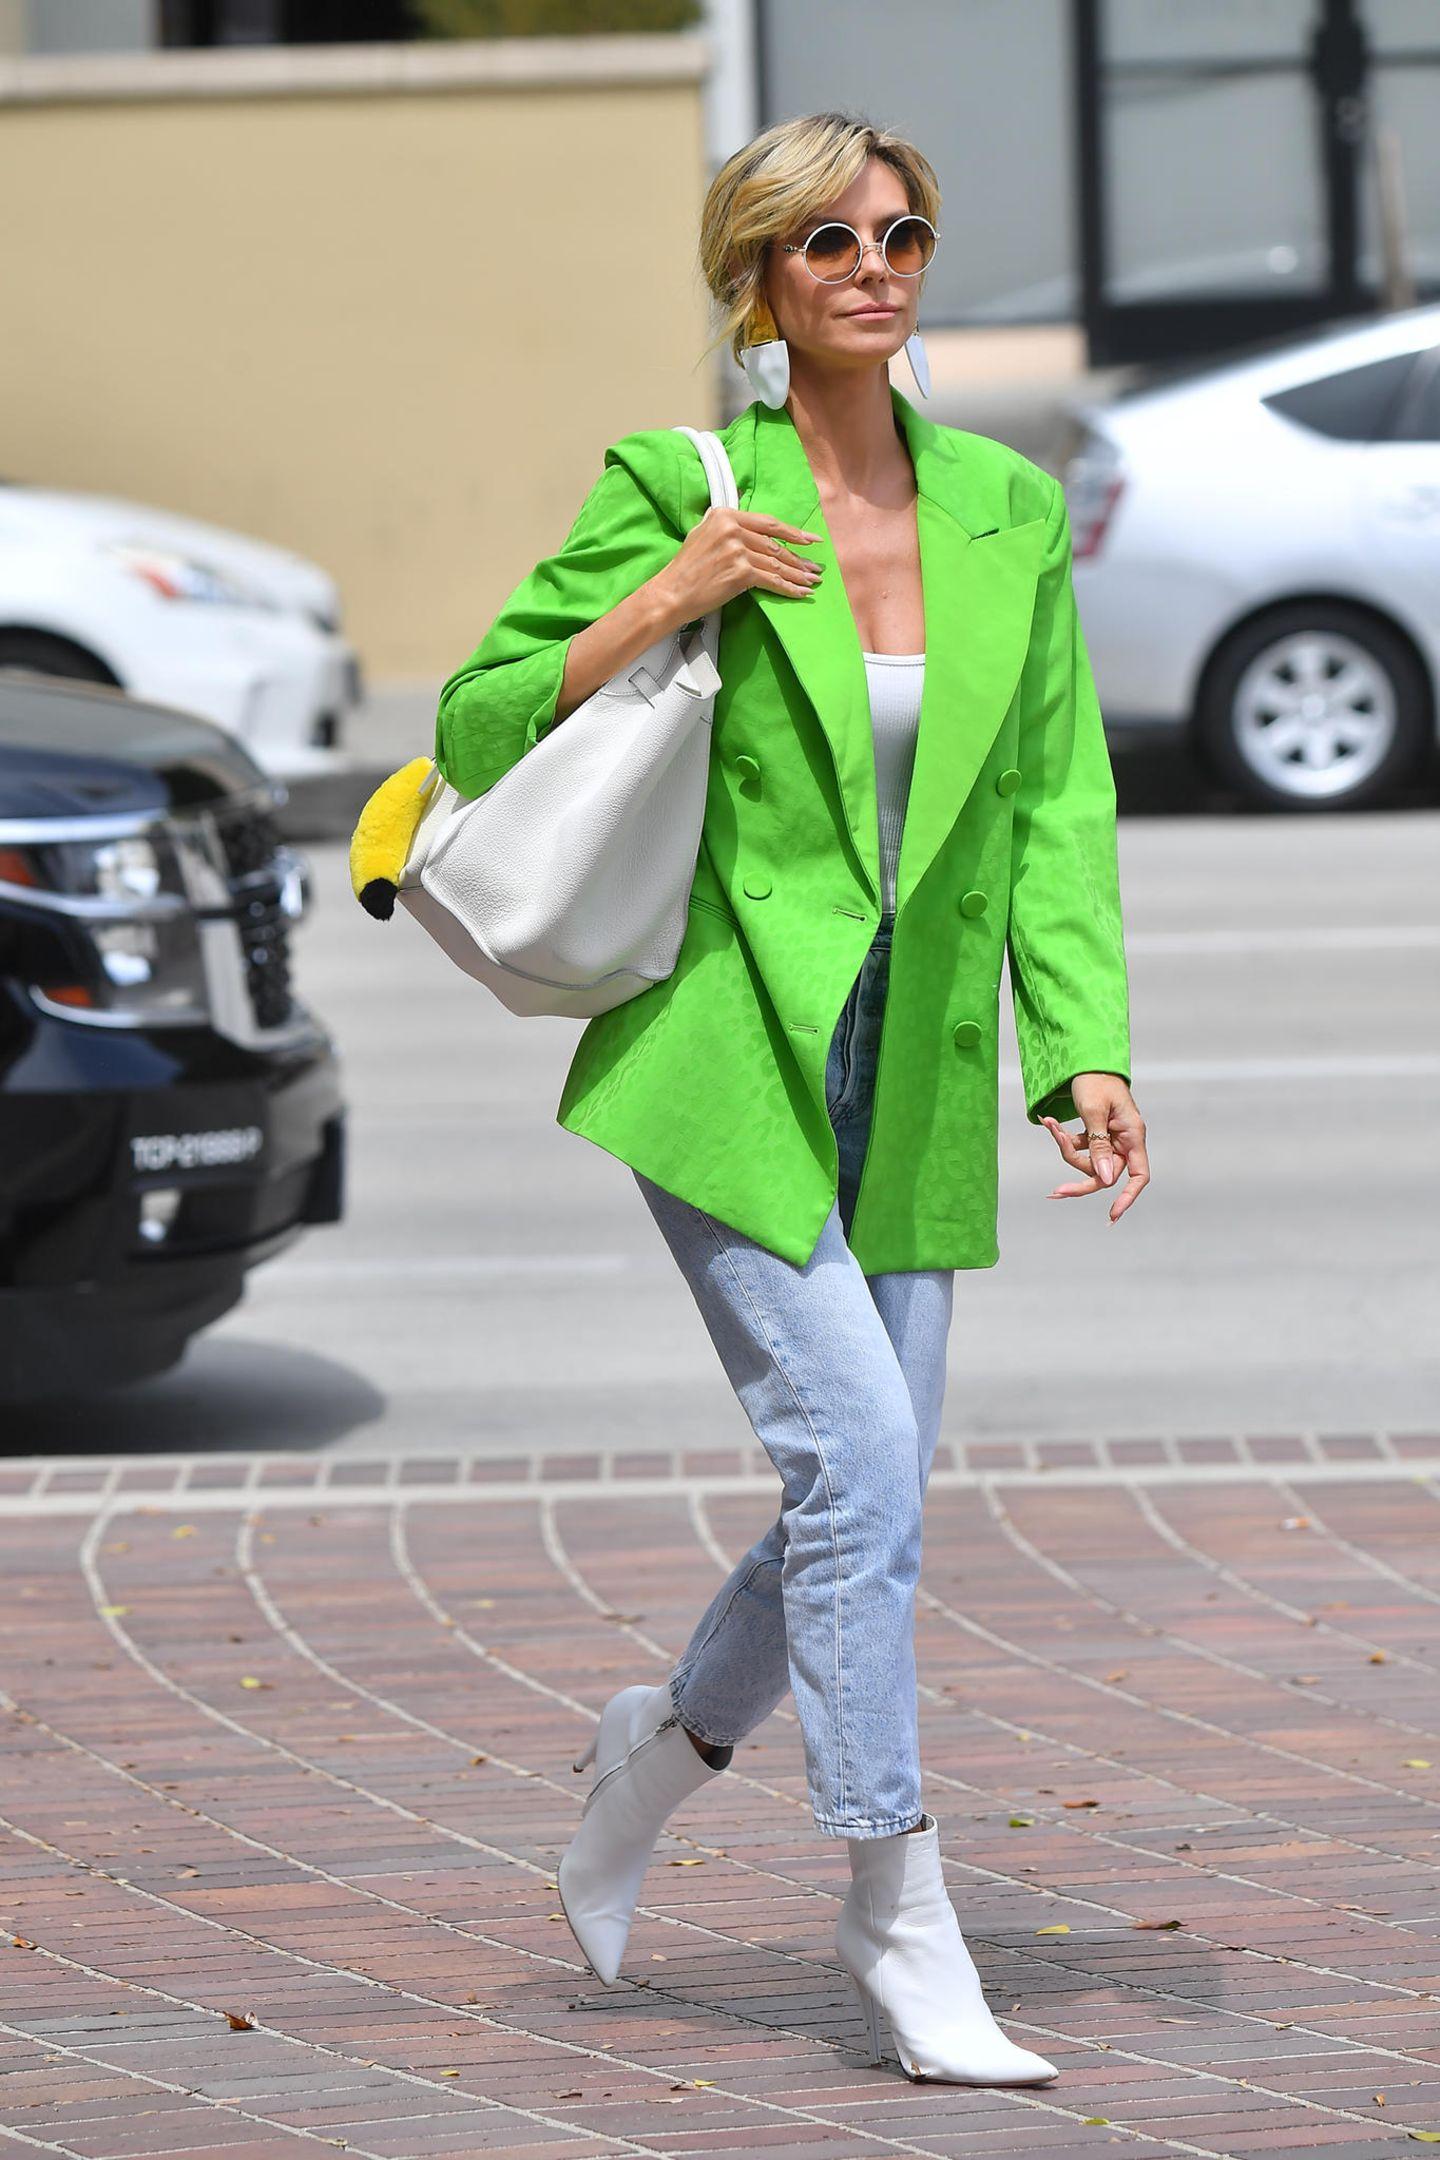 Heidi Klum total seriös? So business-like dieser Look auch wirken mag, so ist er doch vor allem ein Beweis dafür, dass in dem Topmodel eine echte Fashionista steckt. Zu verdanken hat Heidi das zum einen den weißen Boots, die mittlerweile zur Grundausstattung jedes Modeprofisgehören, und zum anderen dem Blazer in Neongrün, der im Frühling 2021 ein fulminantes Trend-Revival feiert.